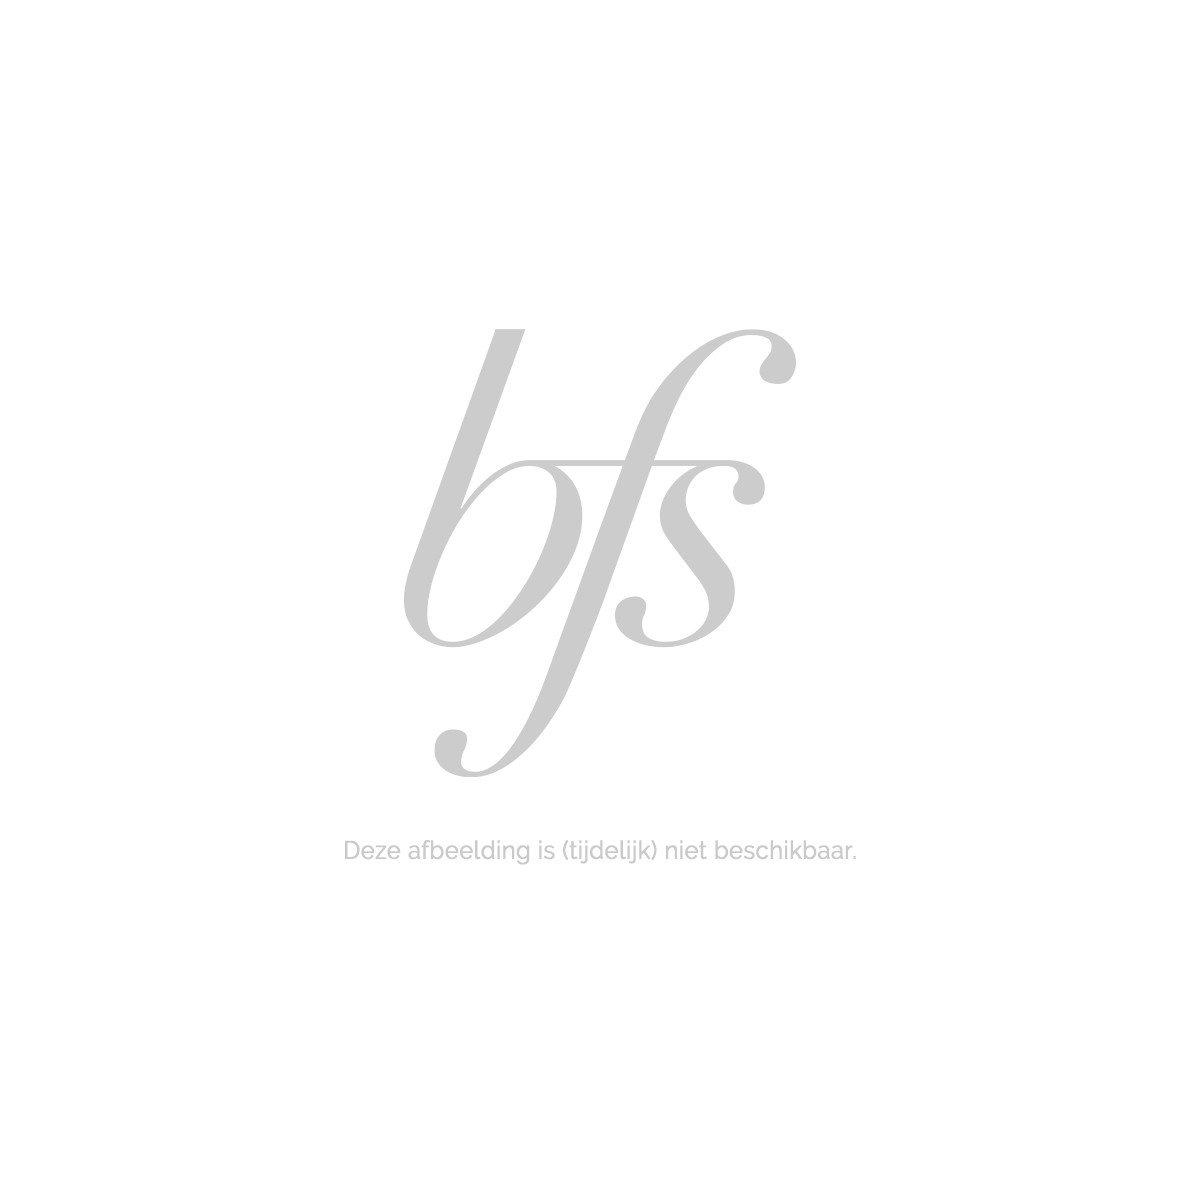 Ibp Ceramic Foot File 1